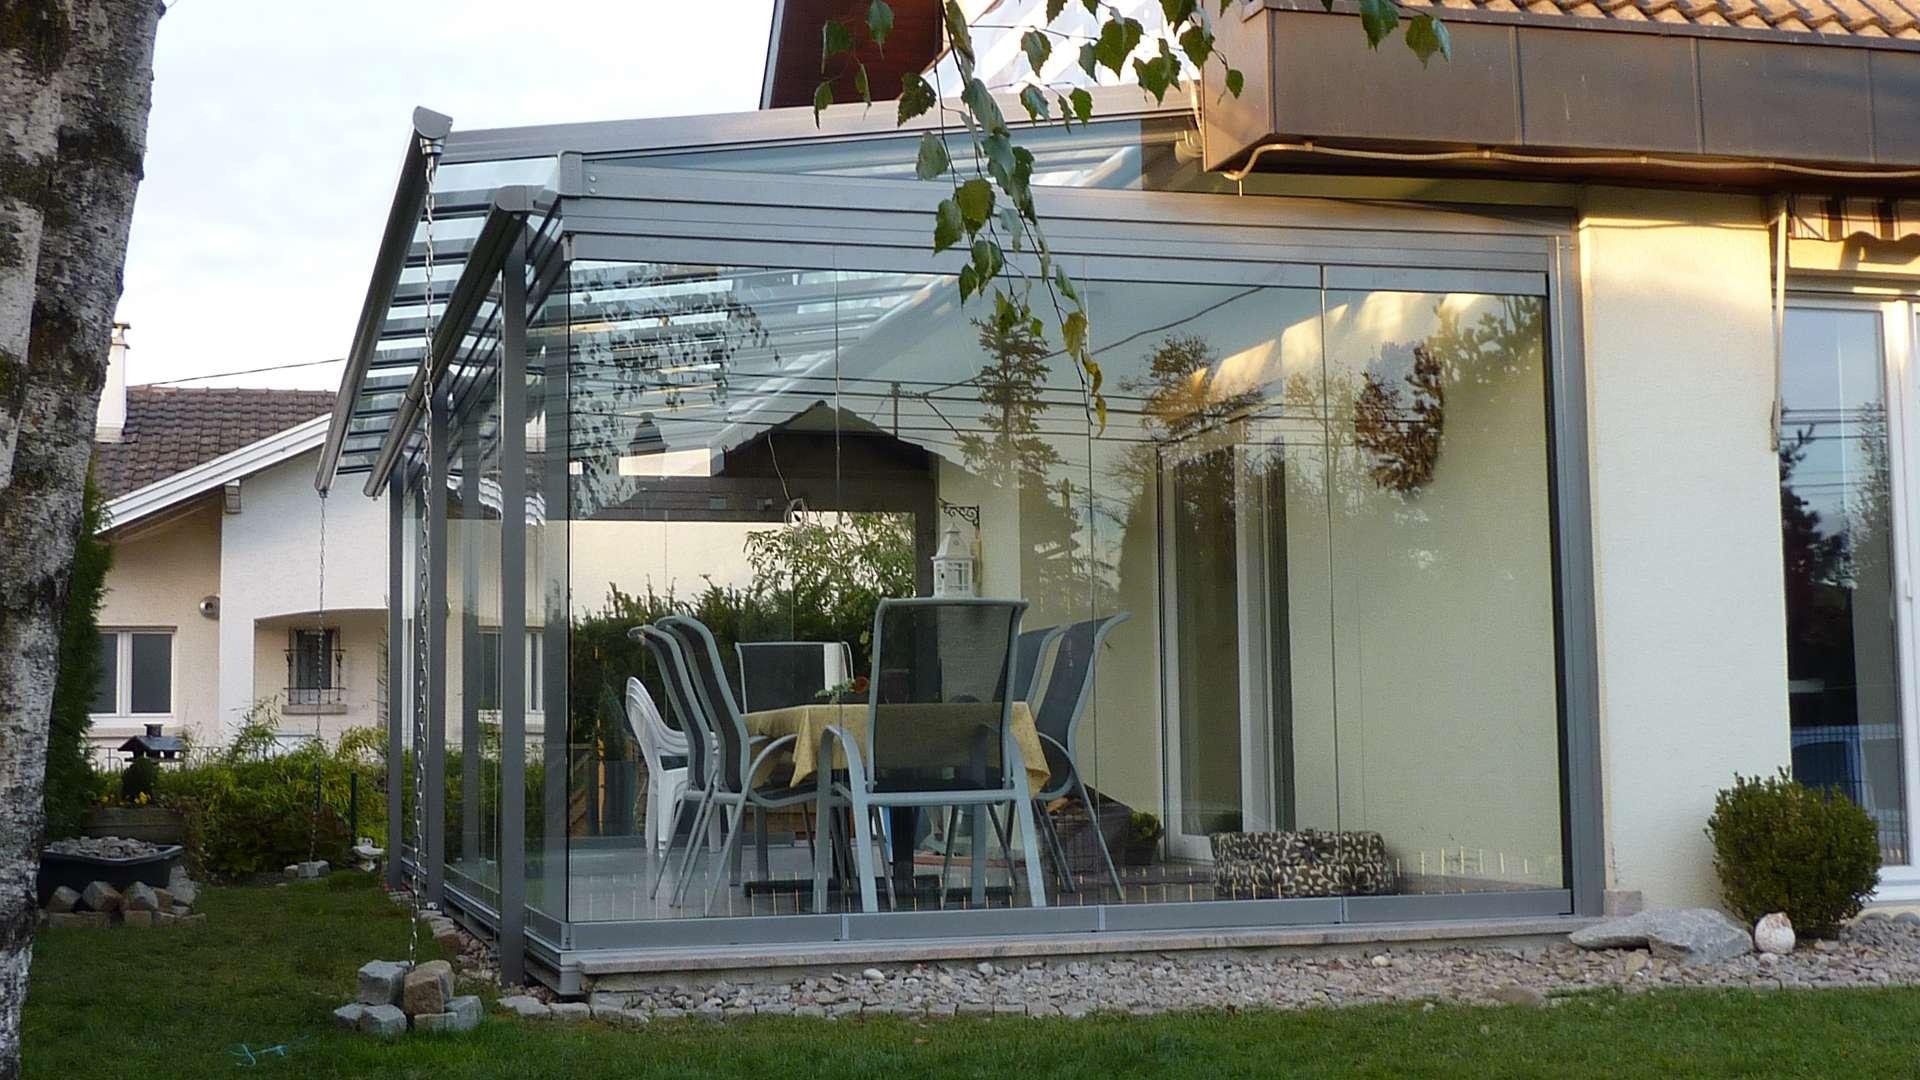 Wohnhaus mit Wintergarten mit cero Verglasung. Im Wintergarten steht ein Esstisch.